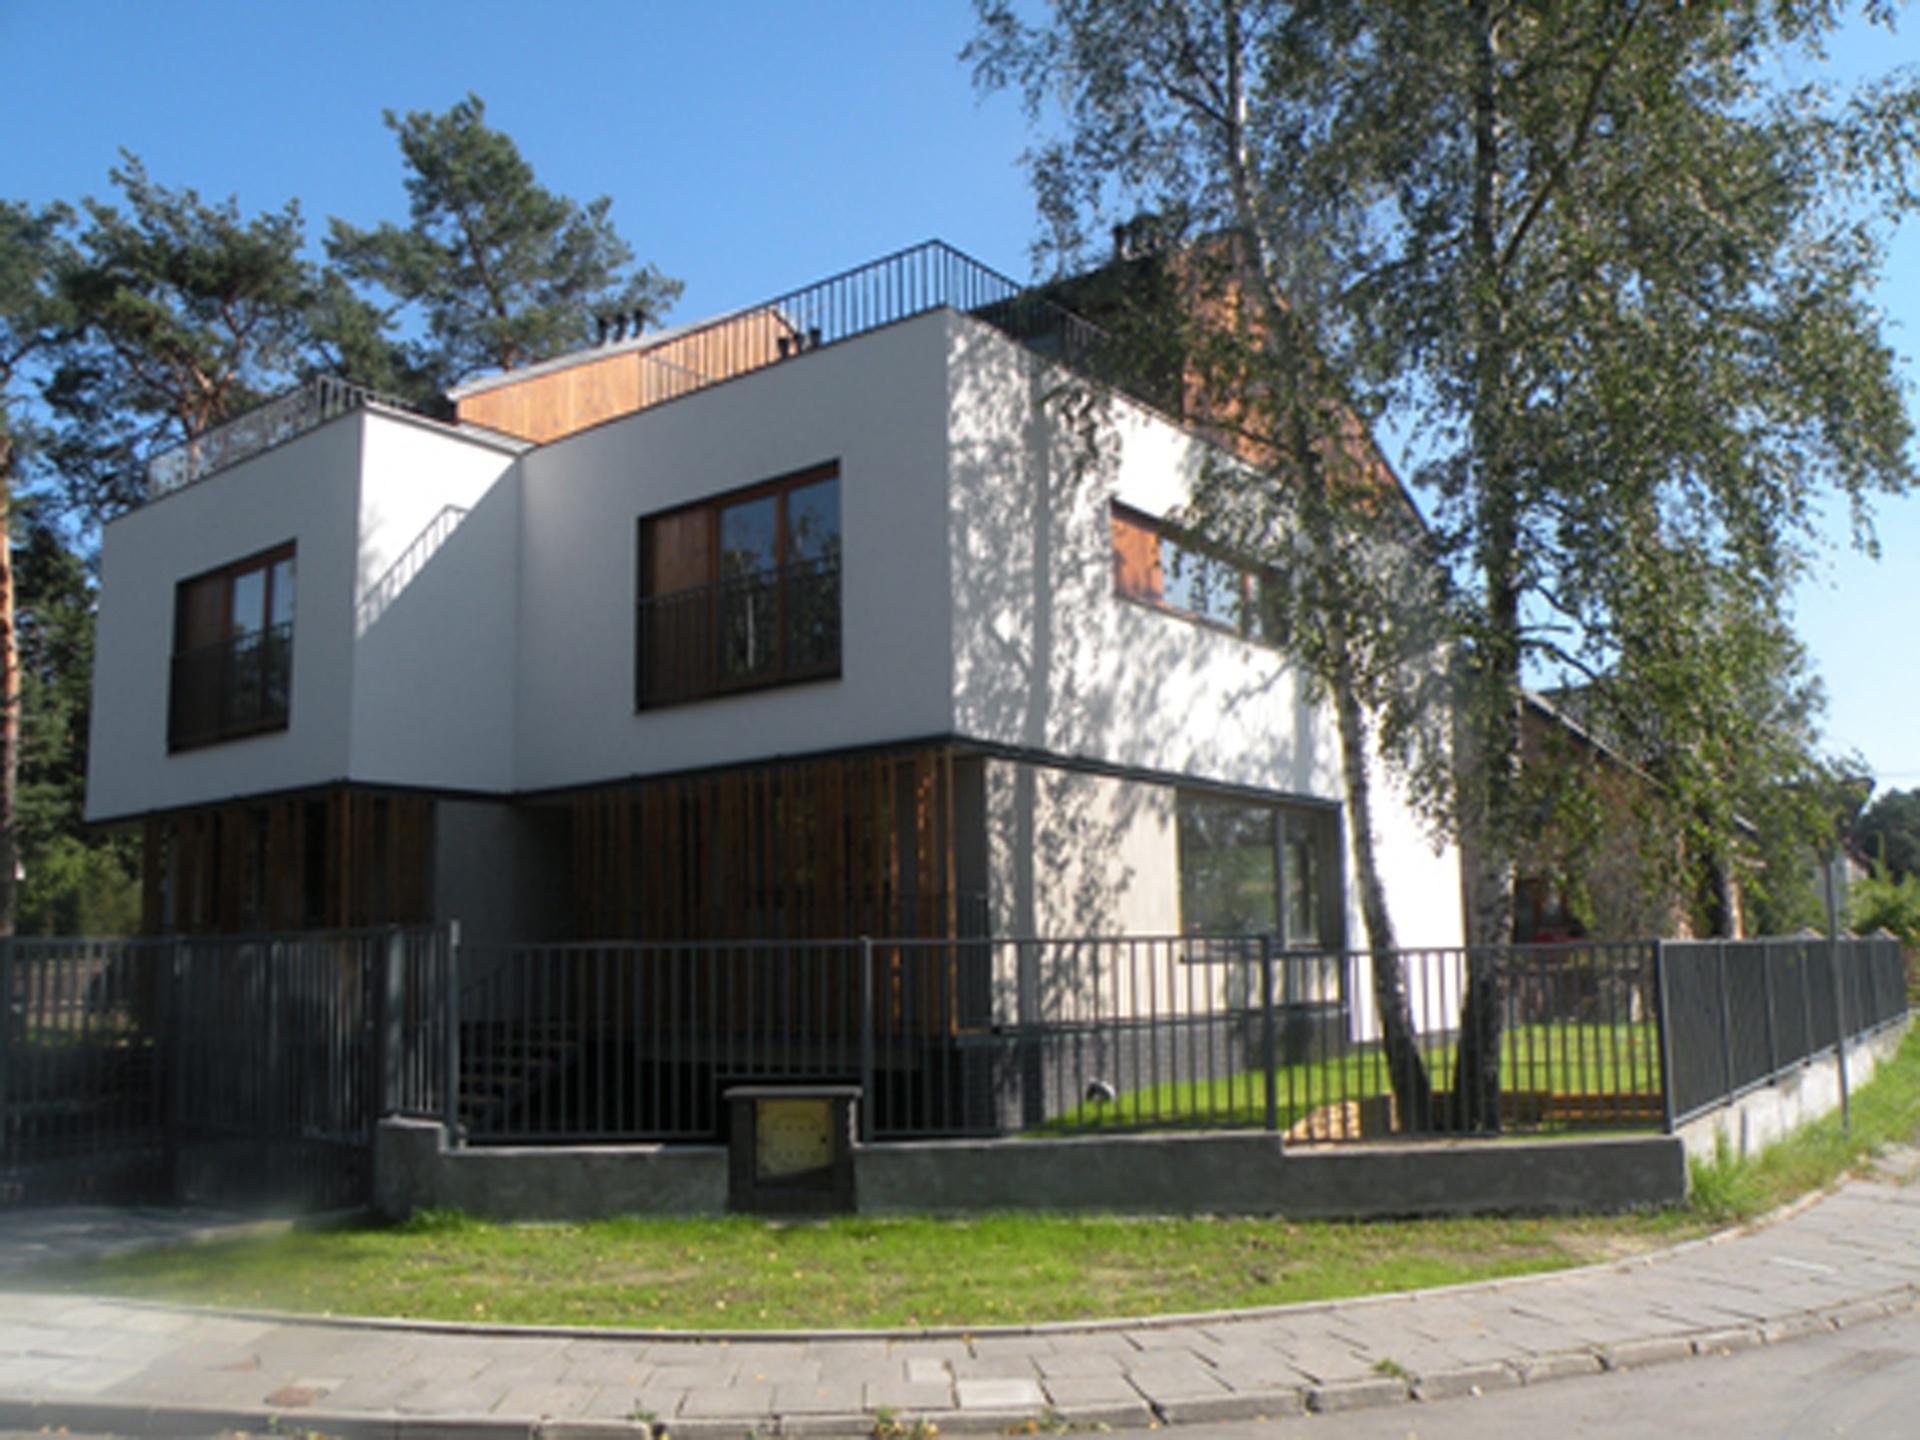 Dom jednorodzinny w Otwocku projekt domu BAZA architekci